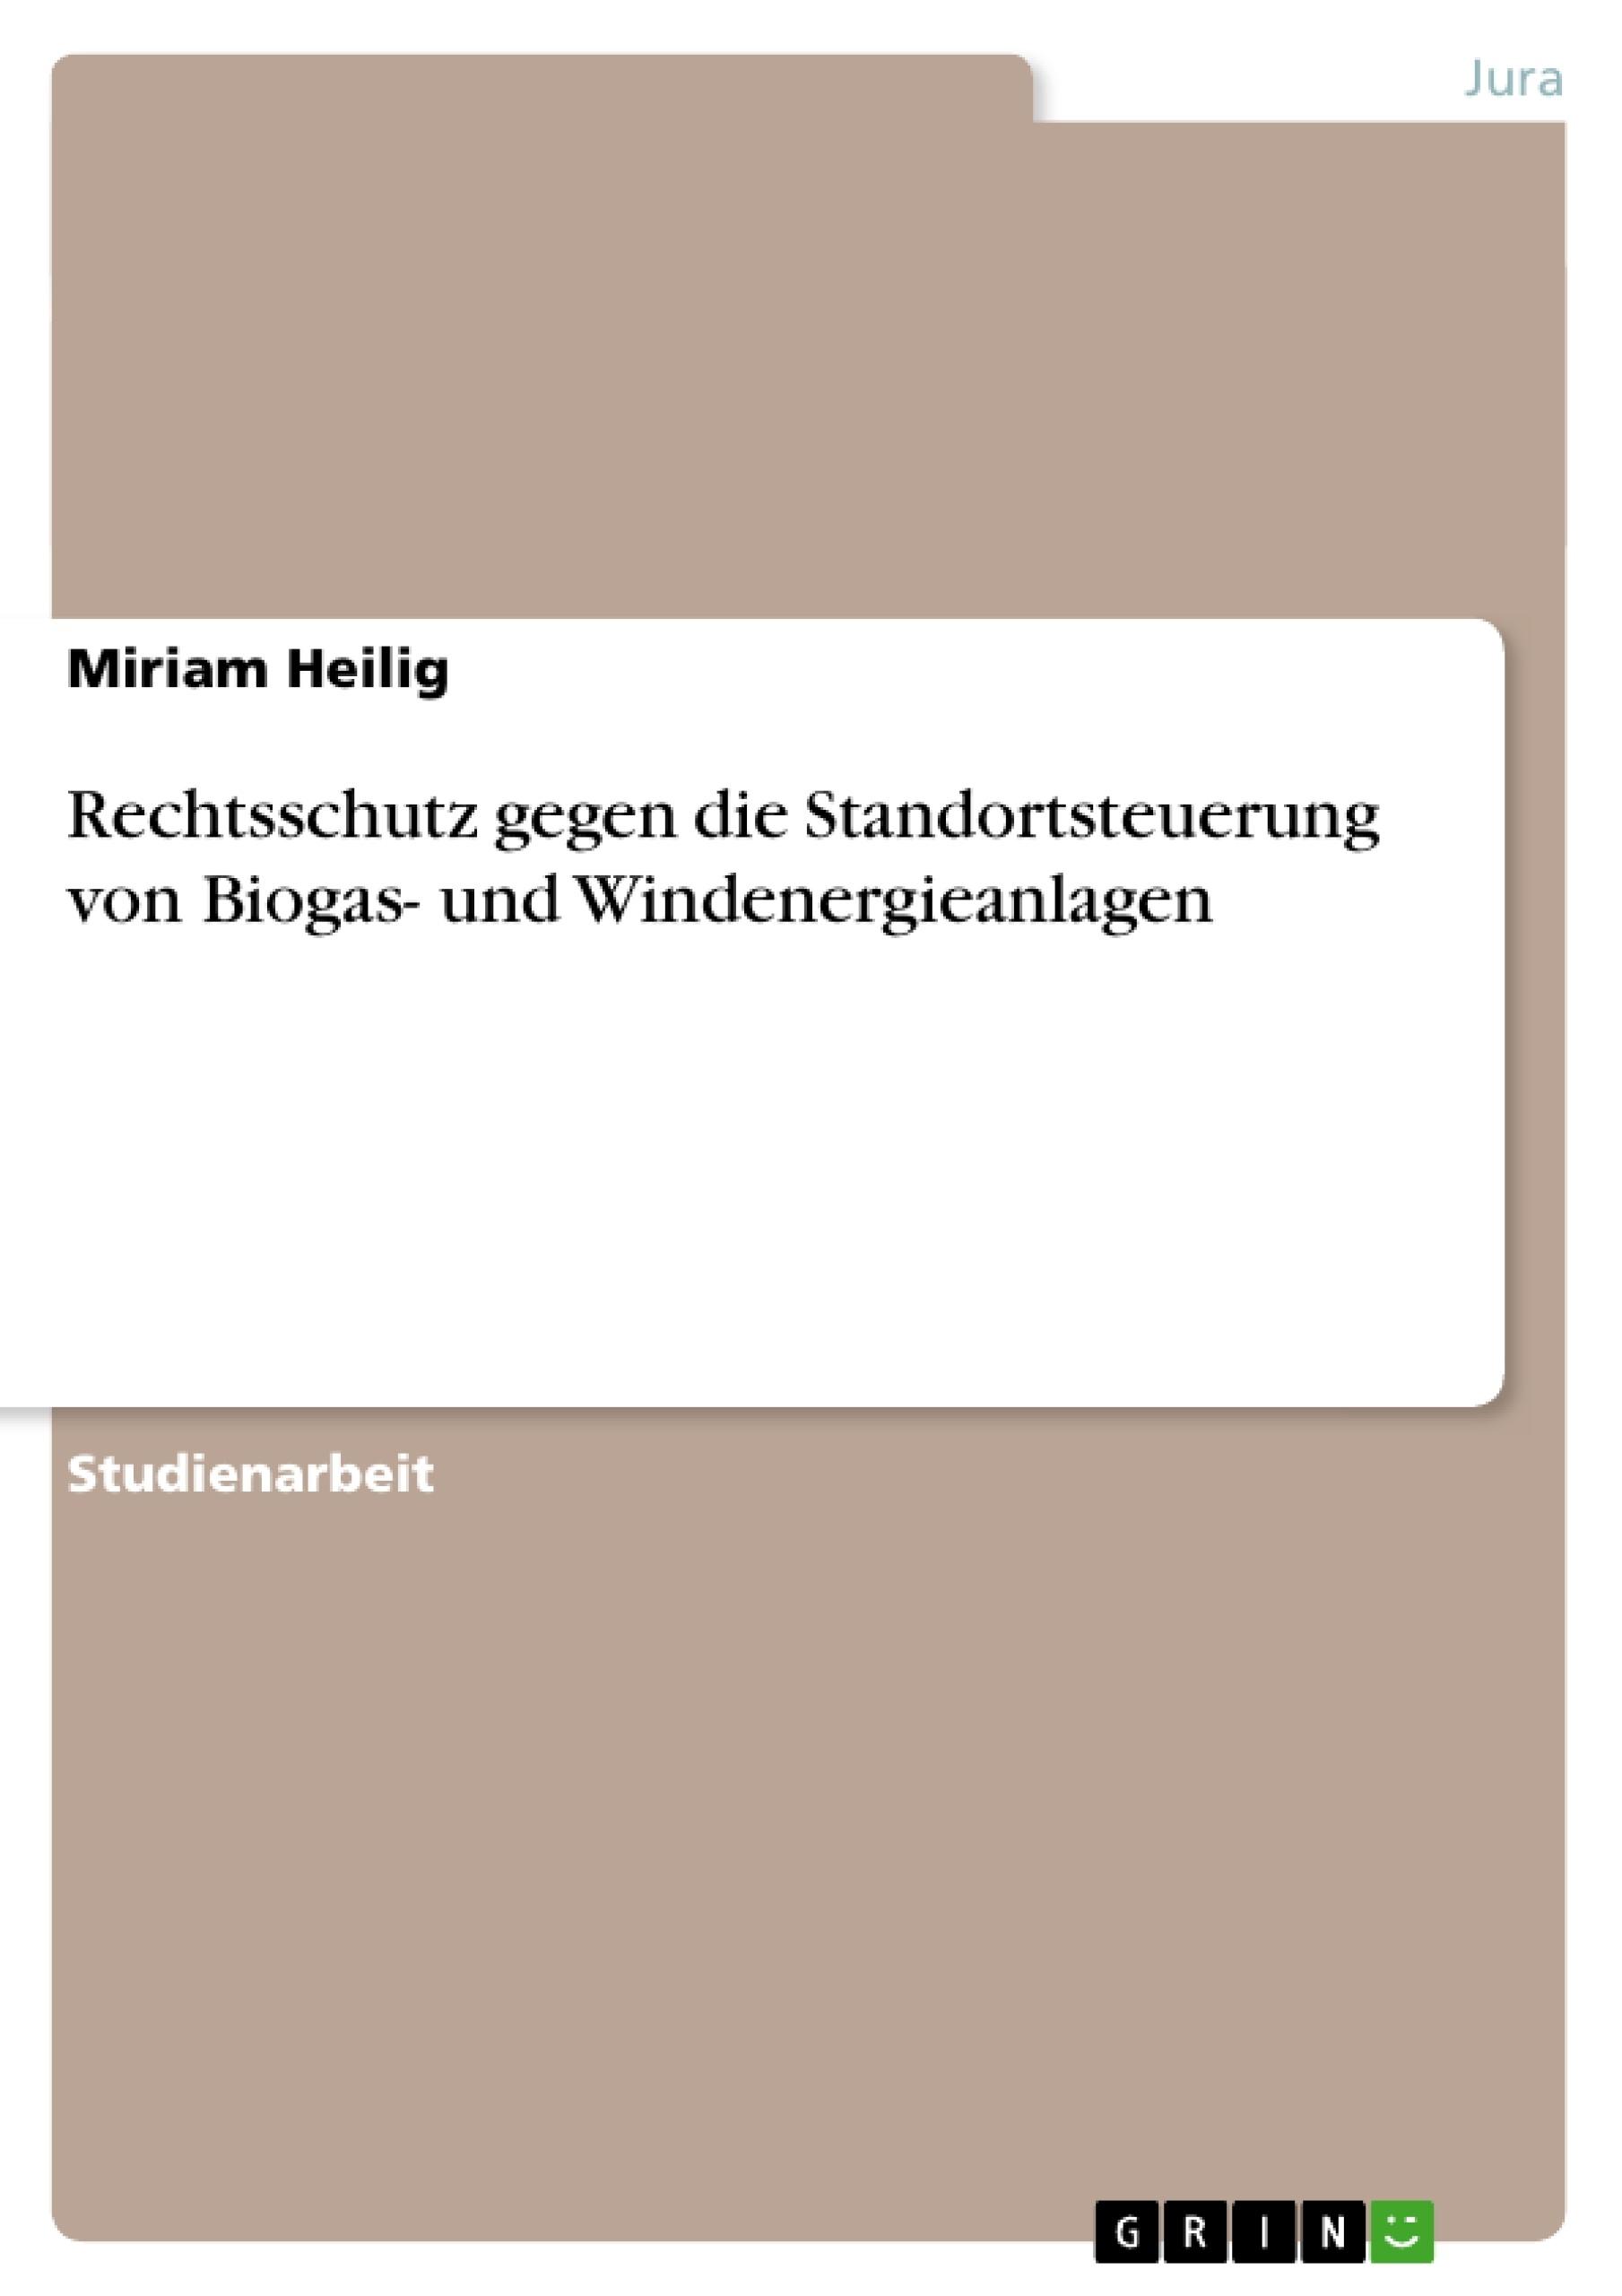 Titel: Rechtsschutz gegen die Standortsteuerung von Biogas- und Windenergieanlagen